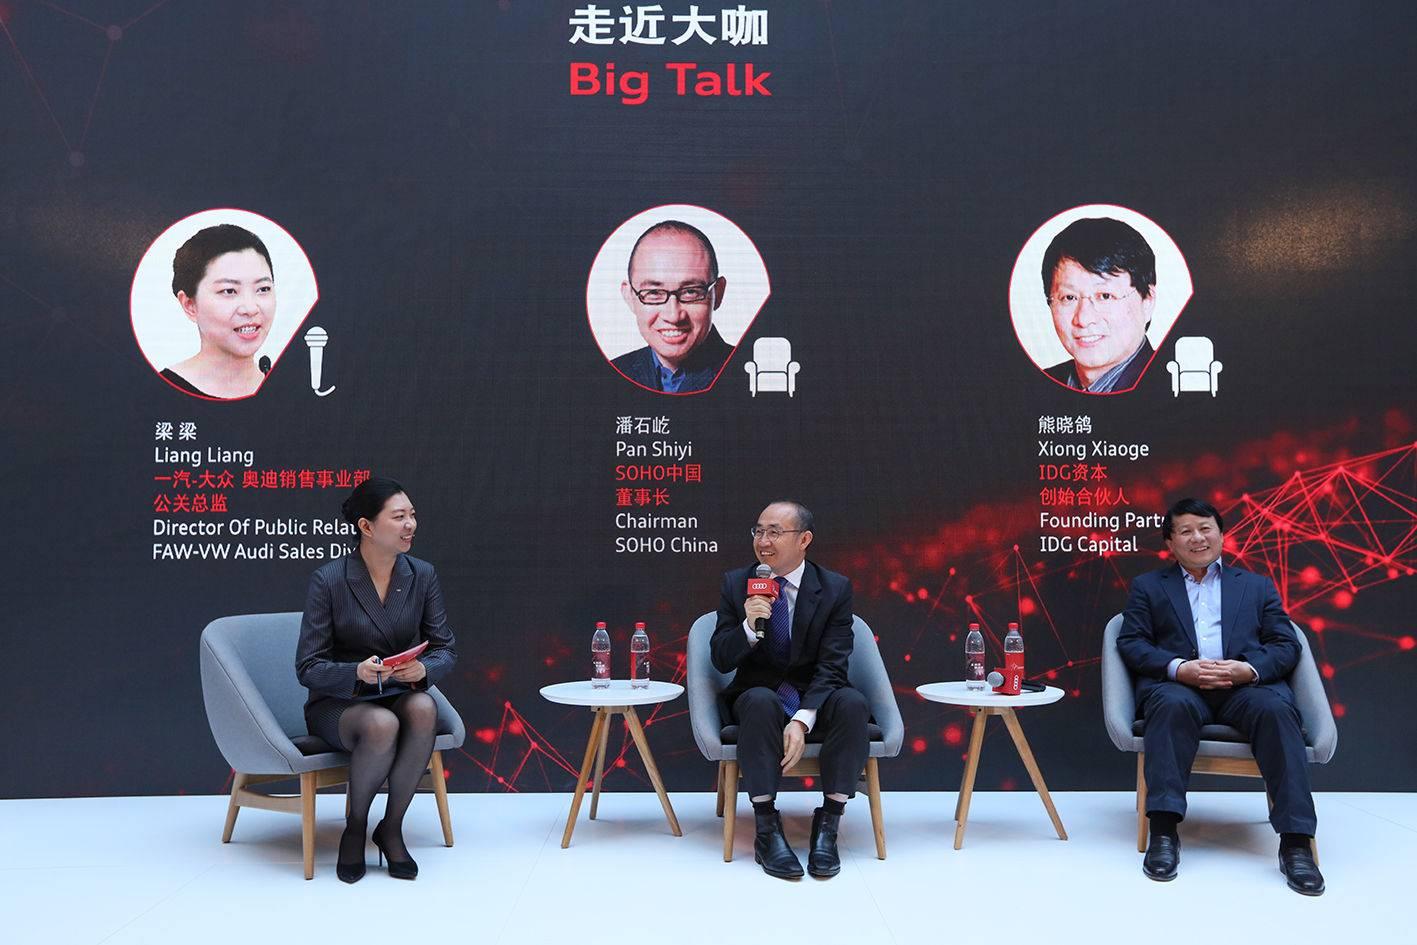 5.IDG资本创始合伙人熊晓鸽先生、SOHO中国董事长潘石屹先生亲临现场与一汽-大众奥迪销售事业部公关总监梁梁女士就中国创新创业的发展与趋势进行了讨论.jpg